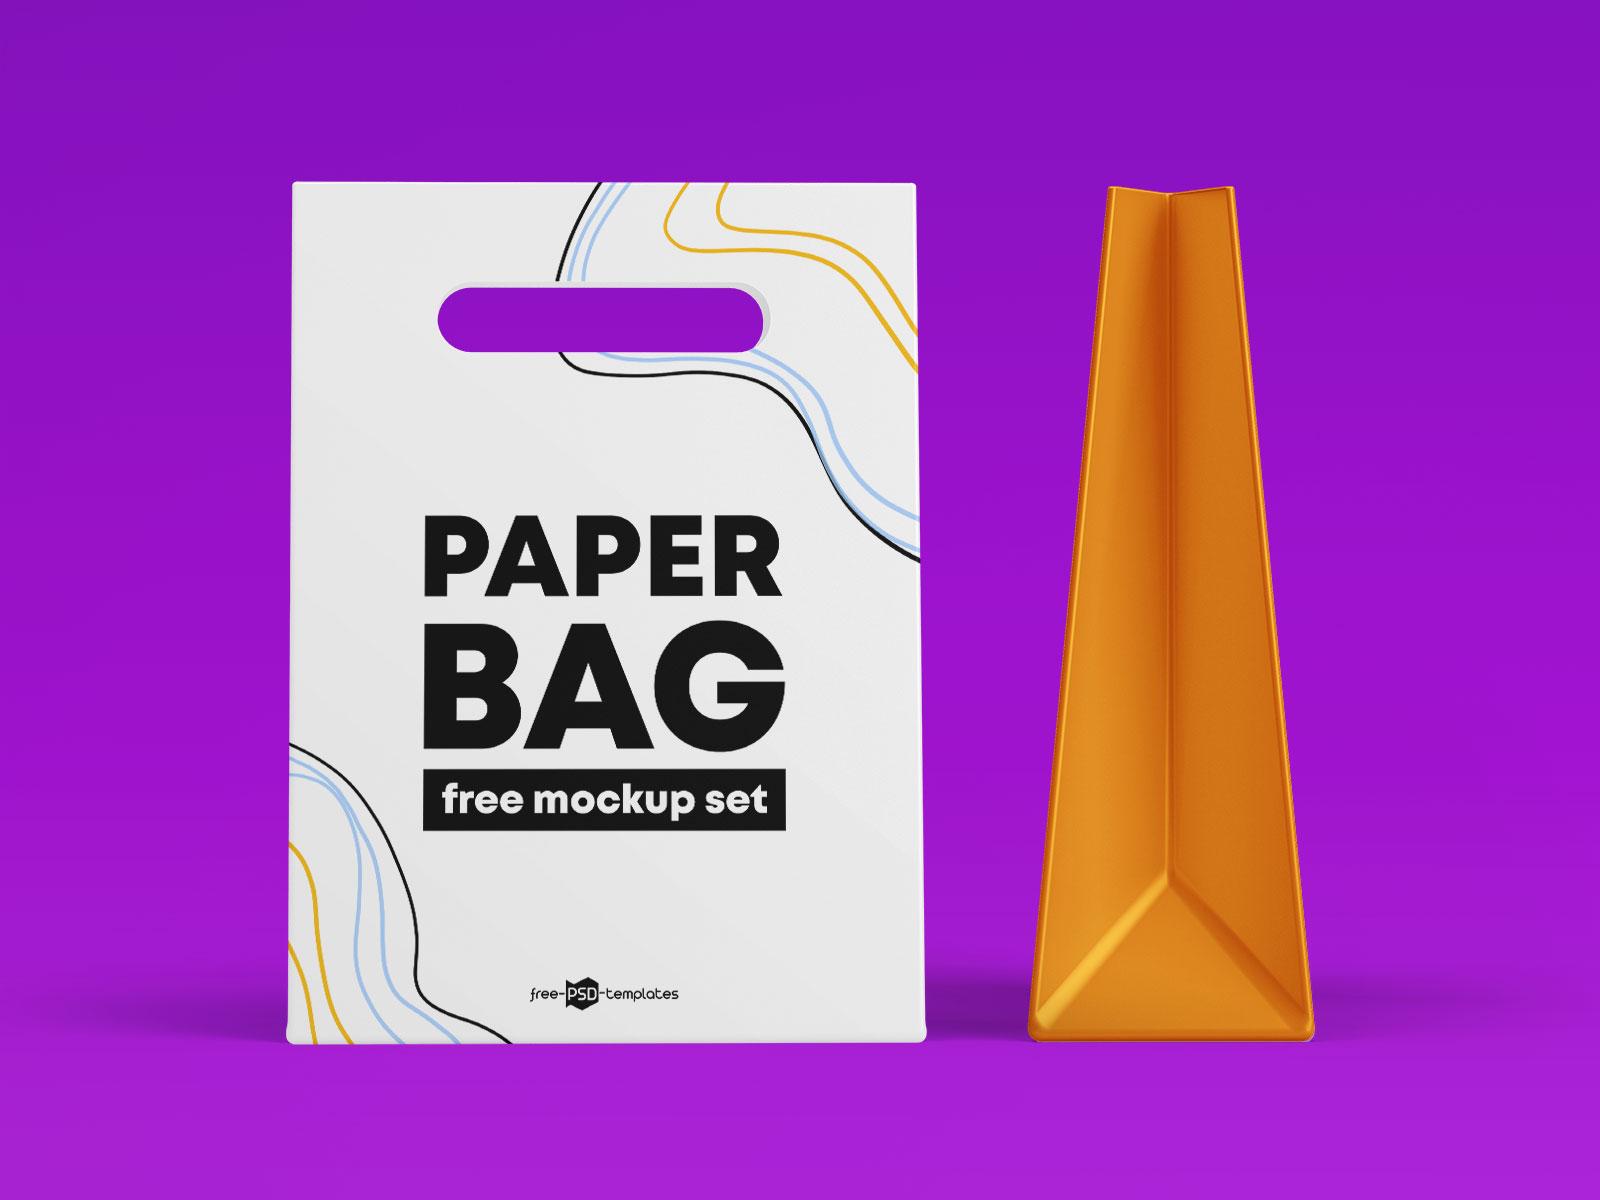 Free-Take-Away-Paper-Bag-Packaging-Mockup-PSD-Set-2